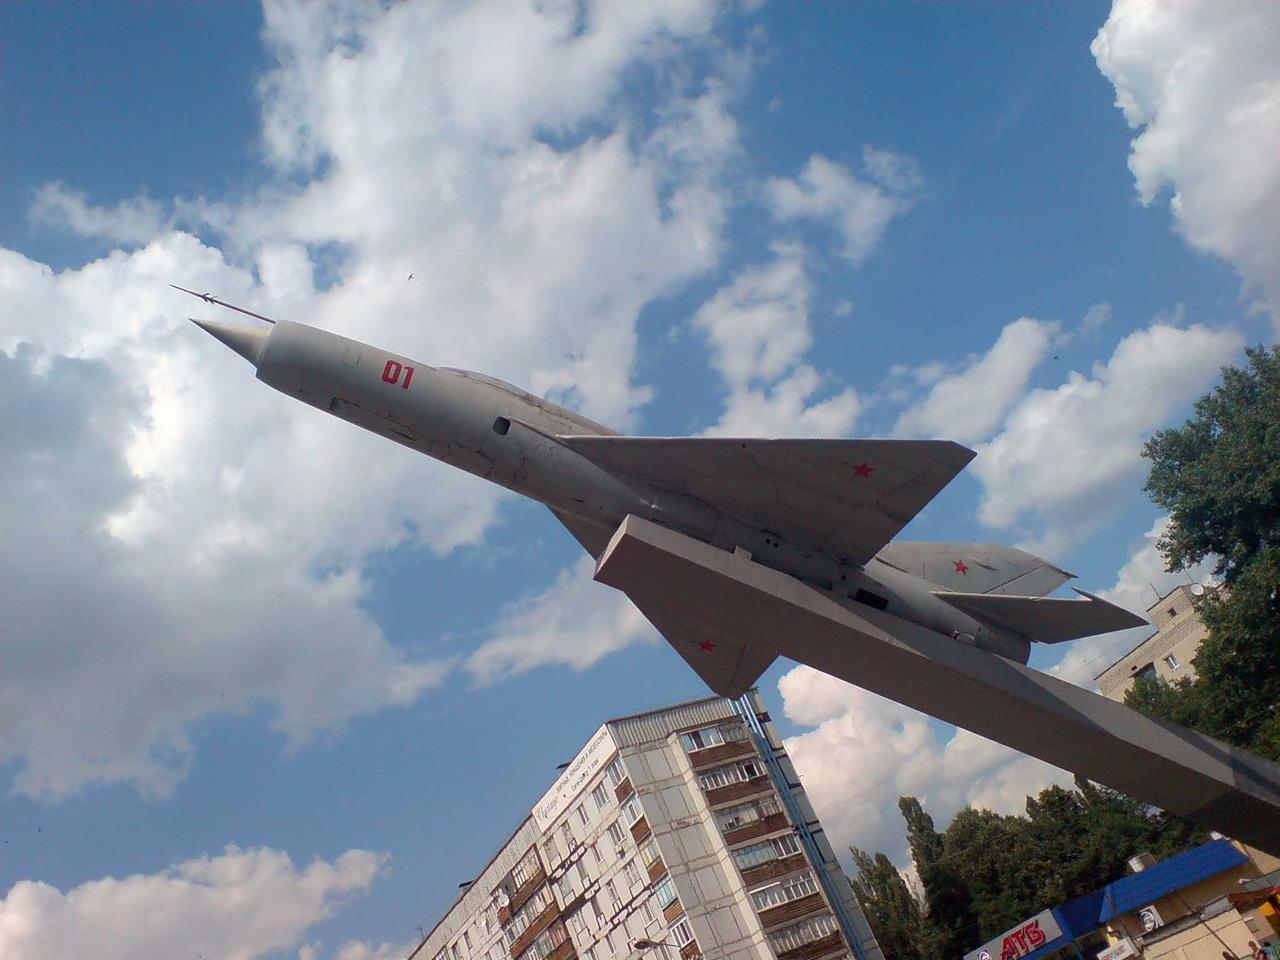 Истребитель МиГ-21 — памятник лётчикам 295-й истребительной авиадивизии